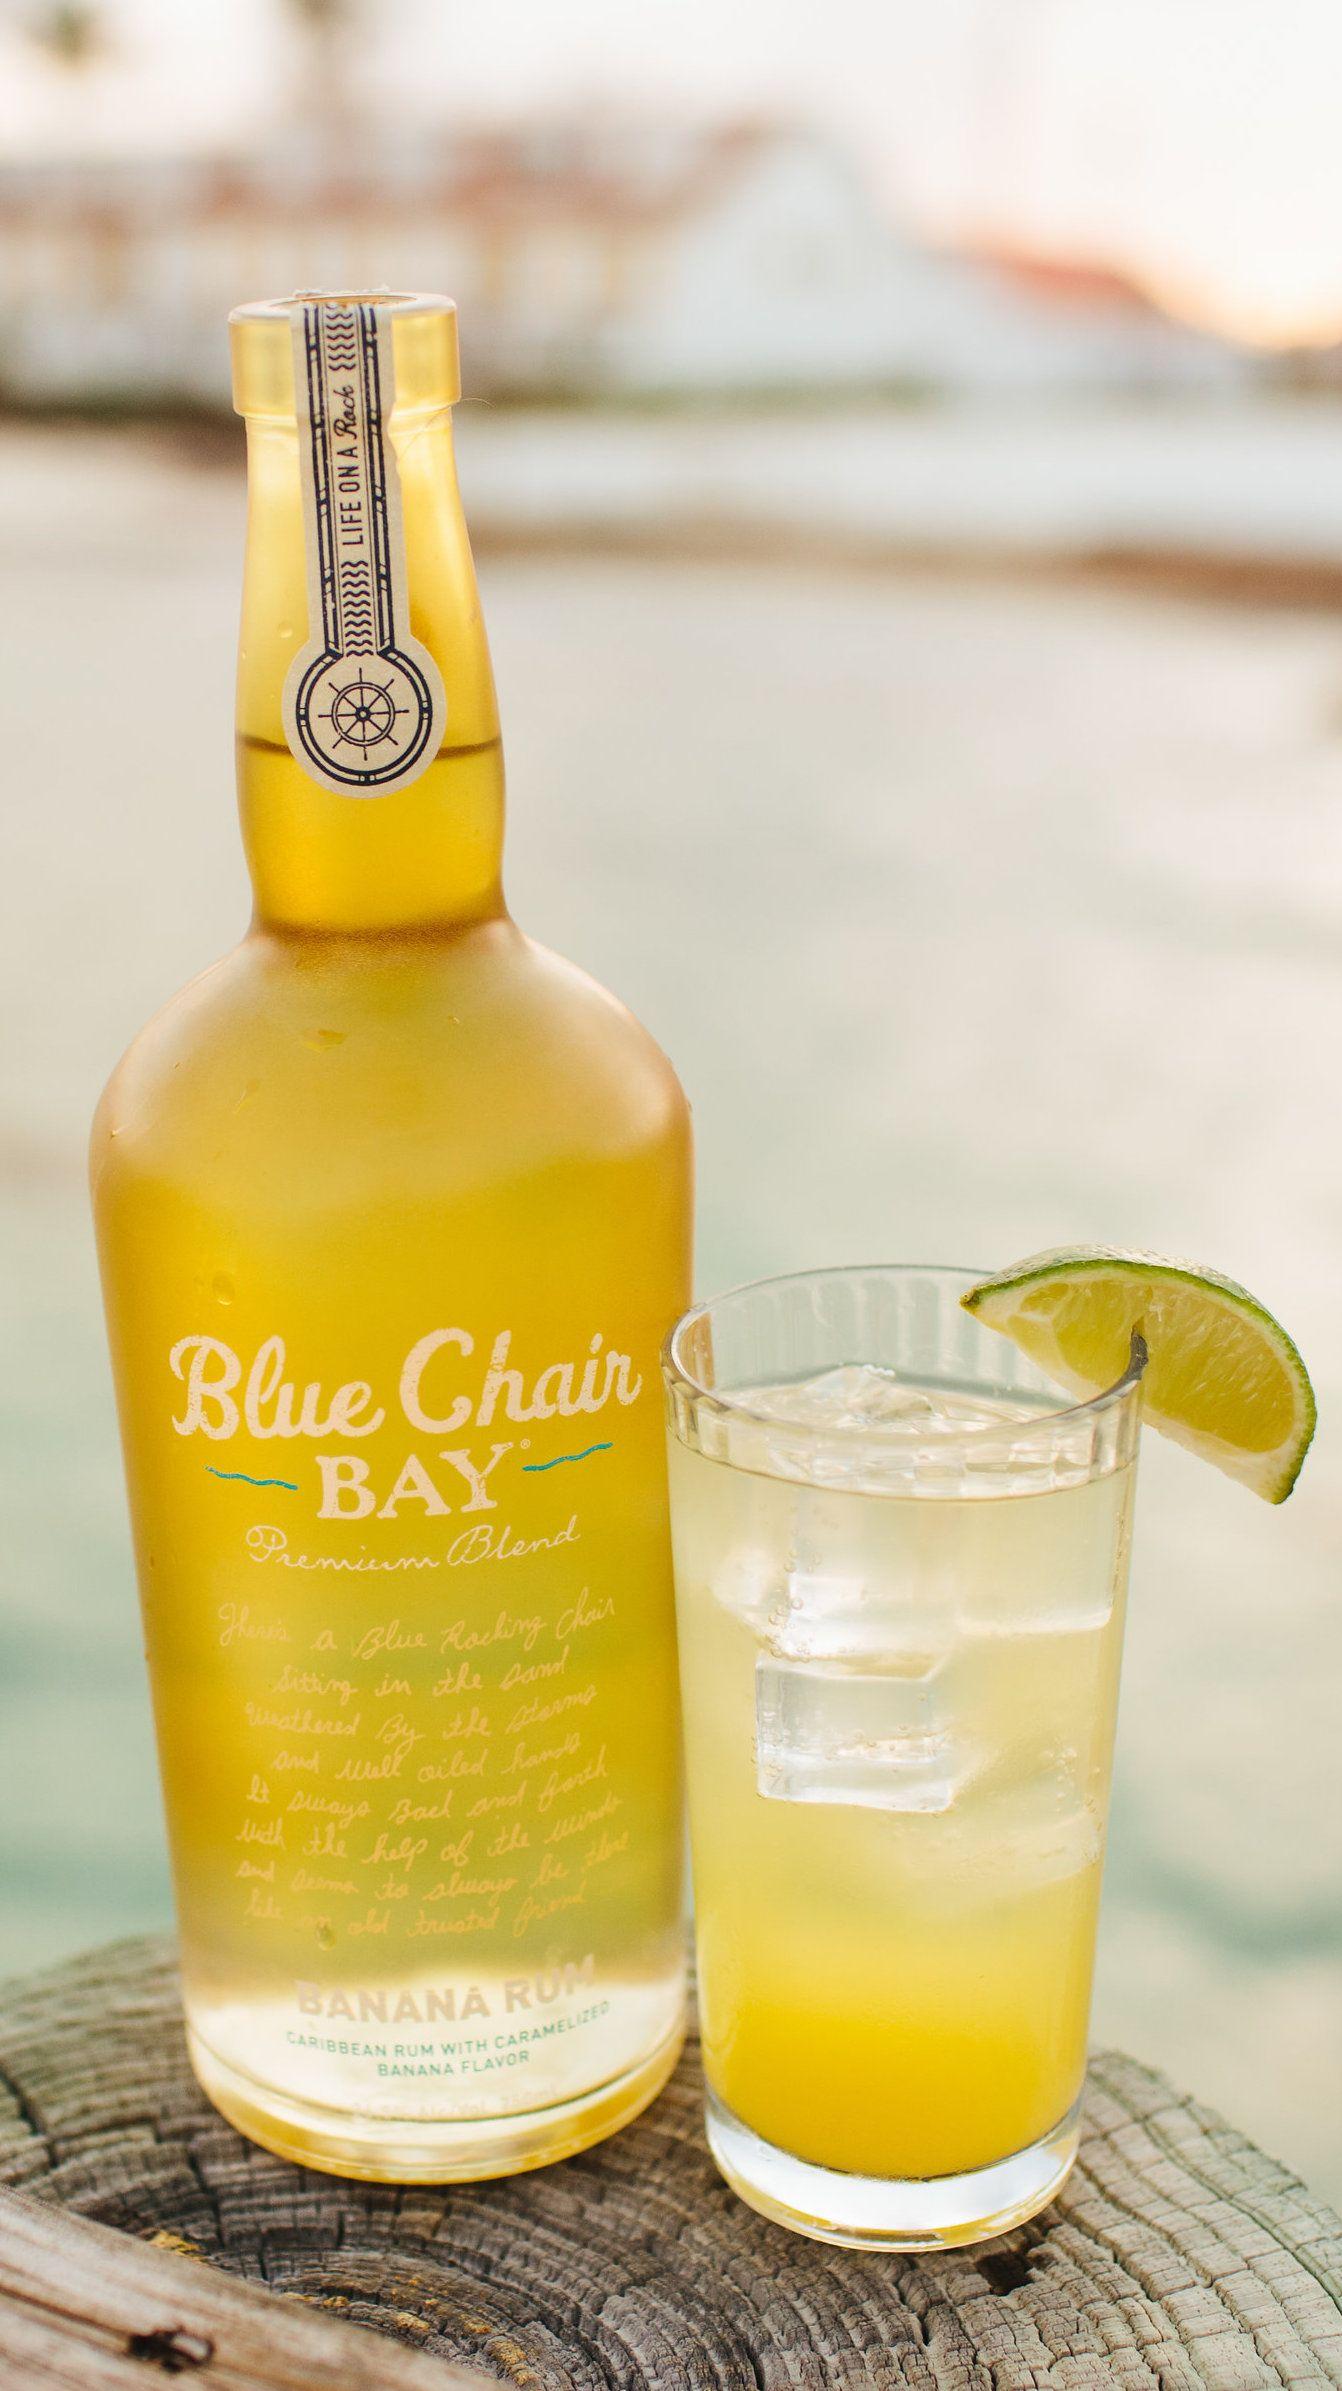 HIGH TIDE COCKTAIL 2 oz Blue Chair Bay Banana Rum 1 oz